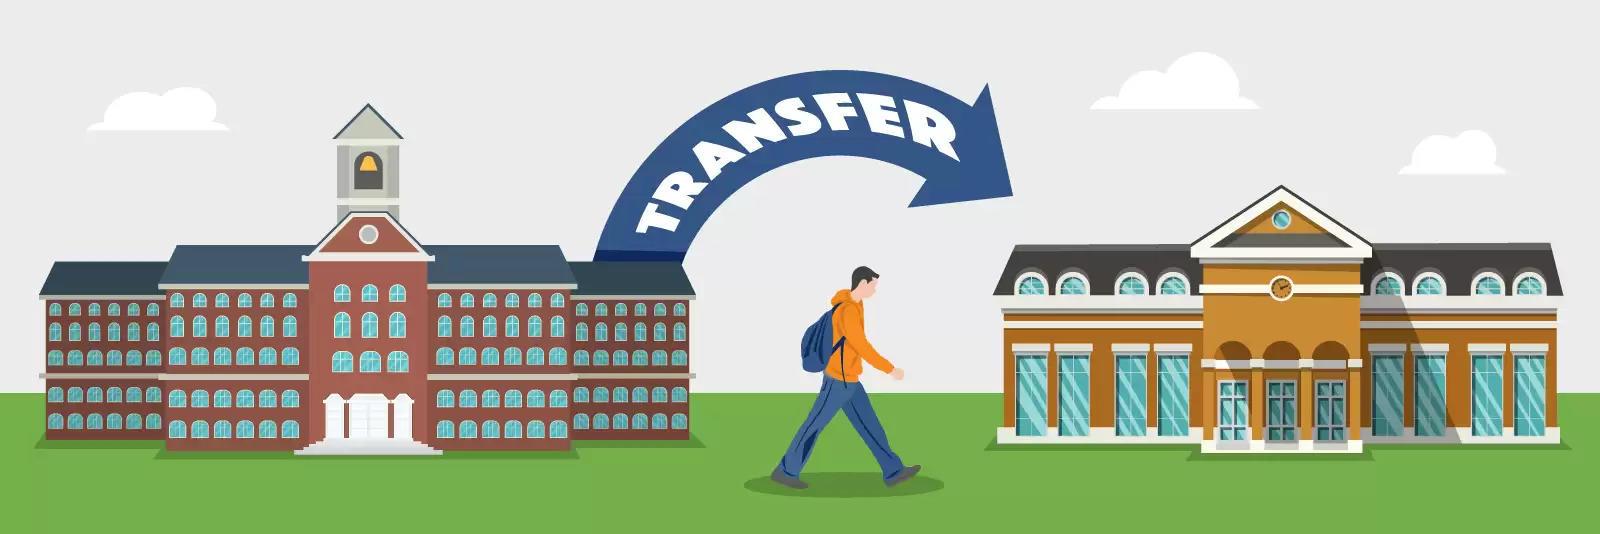 सहकारिता विभाग में बड़ा फेरबदल,17 संयुक्त पंजीयक,उप पंजीयक और सहायक पंजीयकों का ट्रांसफर